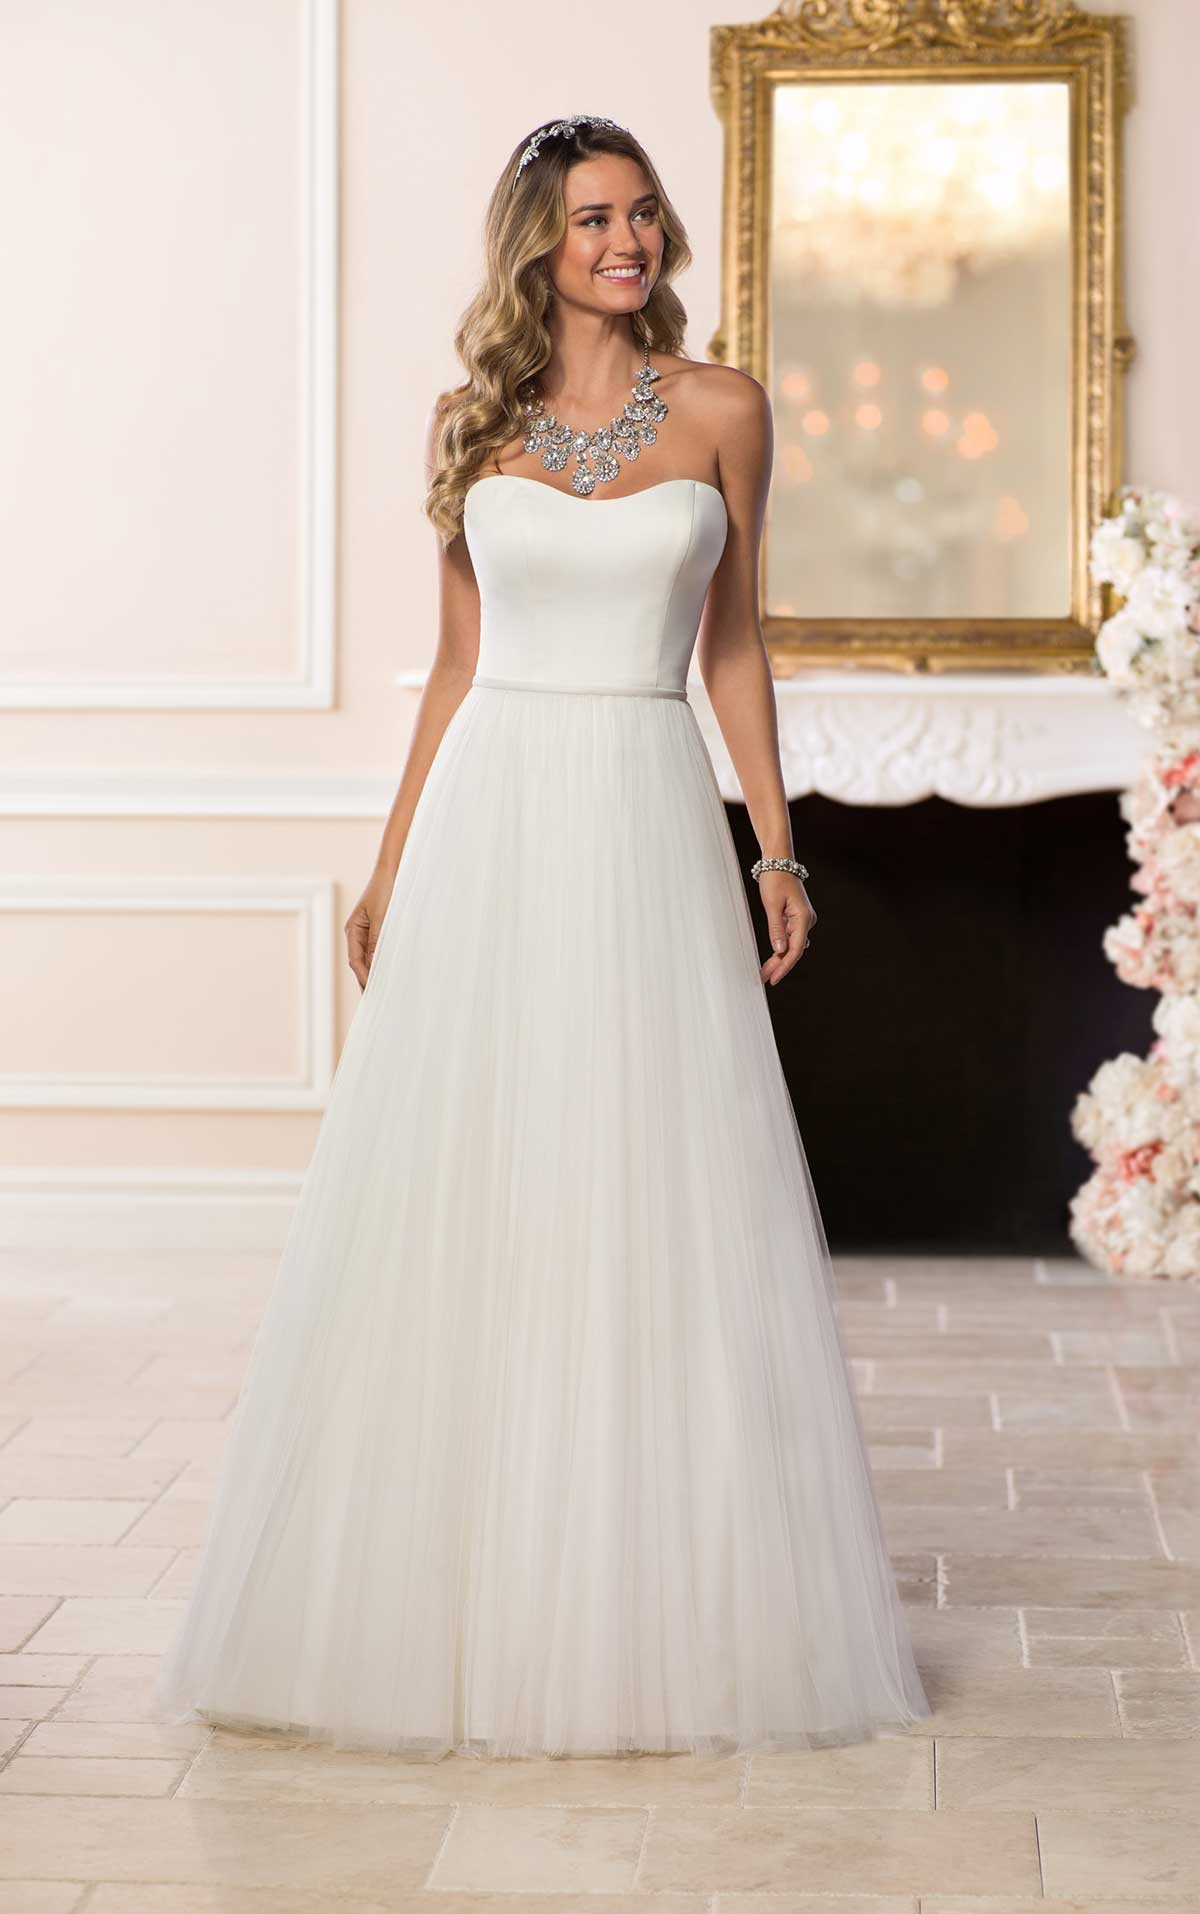 Mooiste Bruidsjurken.Fashion Inspiratie 6 X De Mooiste Trouwjurken Follow Fashion